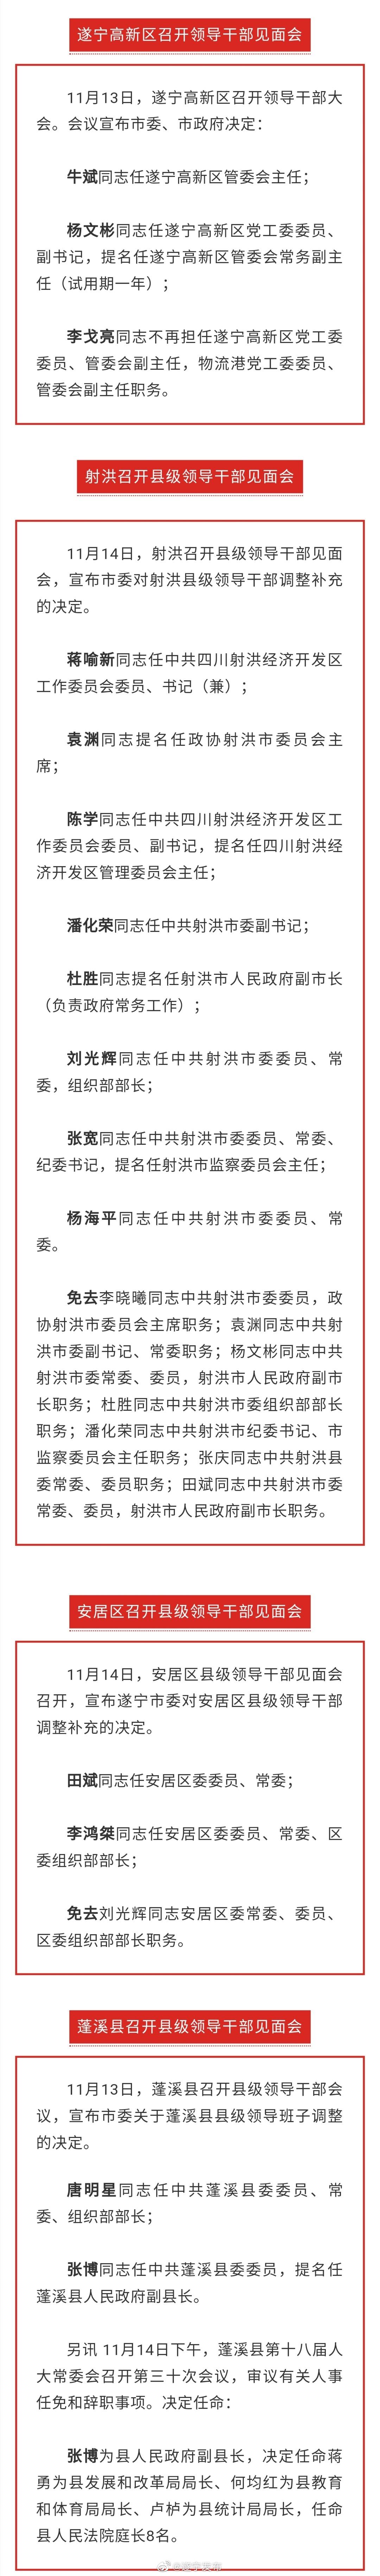 遂宁高新区、射洪县、蓬溪县、安居区分别召开领导干部见面会 宣布遂